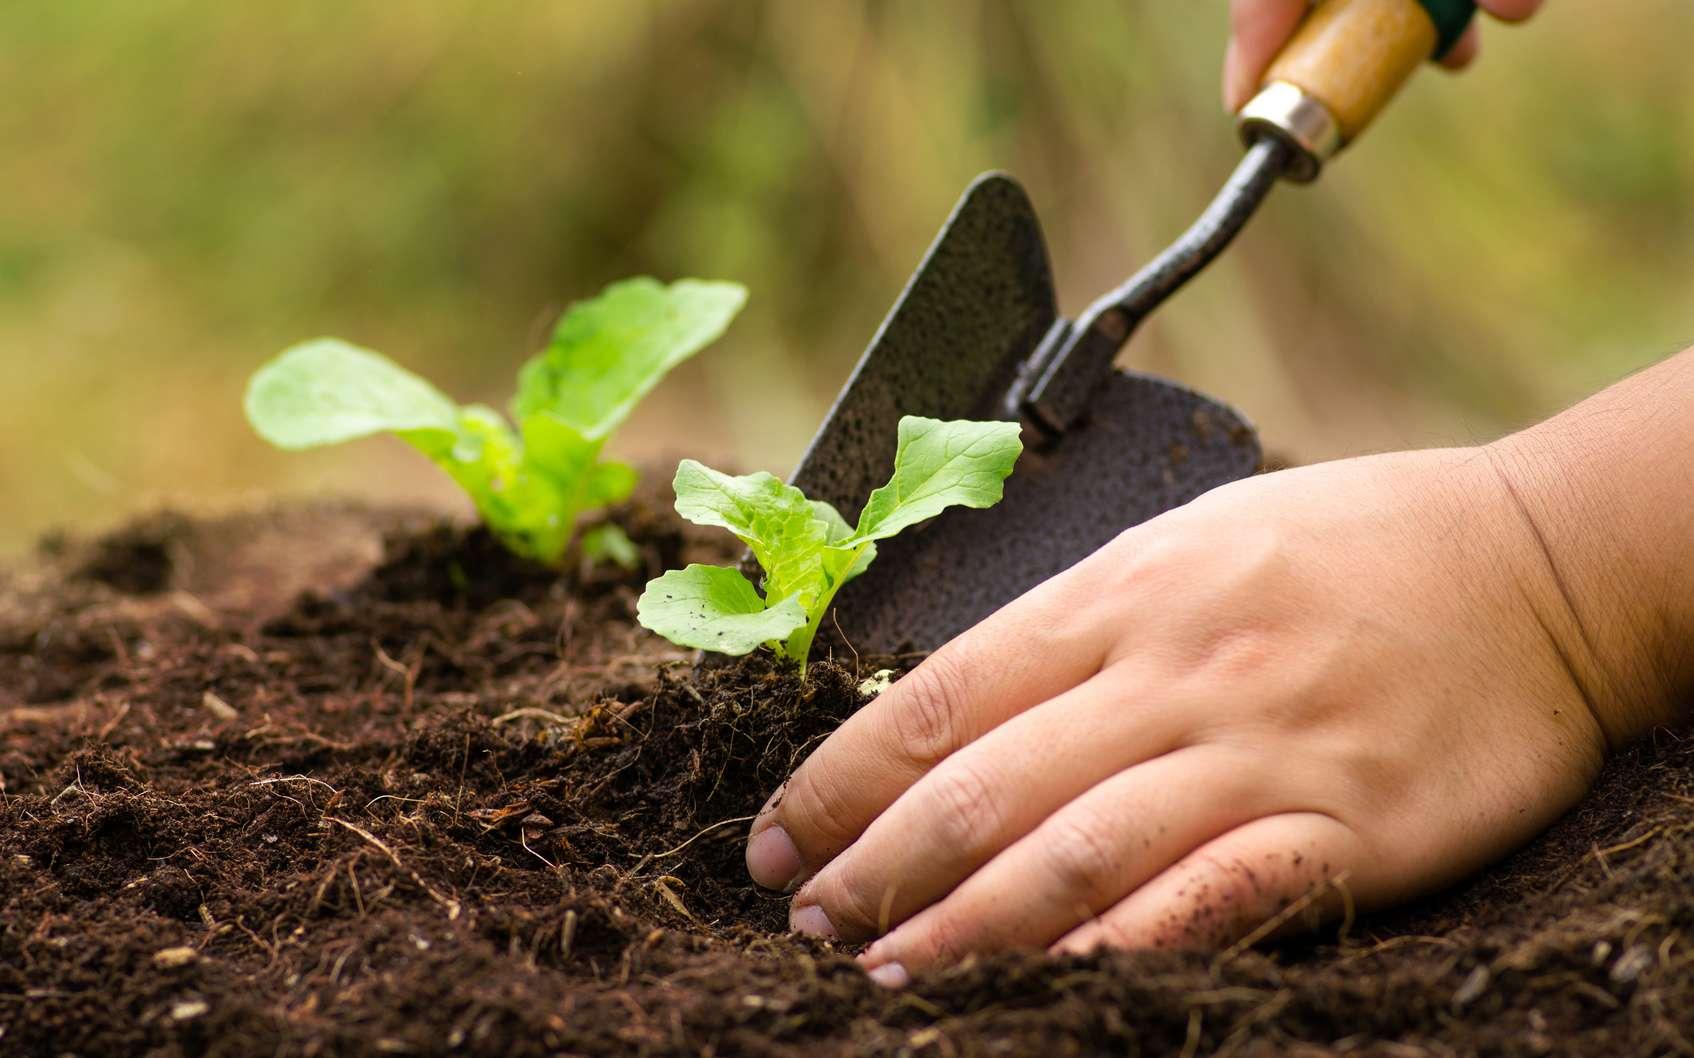 Le jardinage ne nécessite pas forcément l'utilisation de pesticides. © singkham, Fotolia